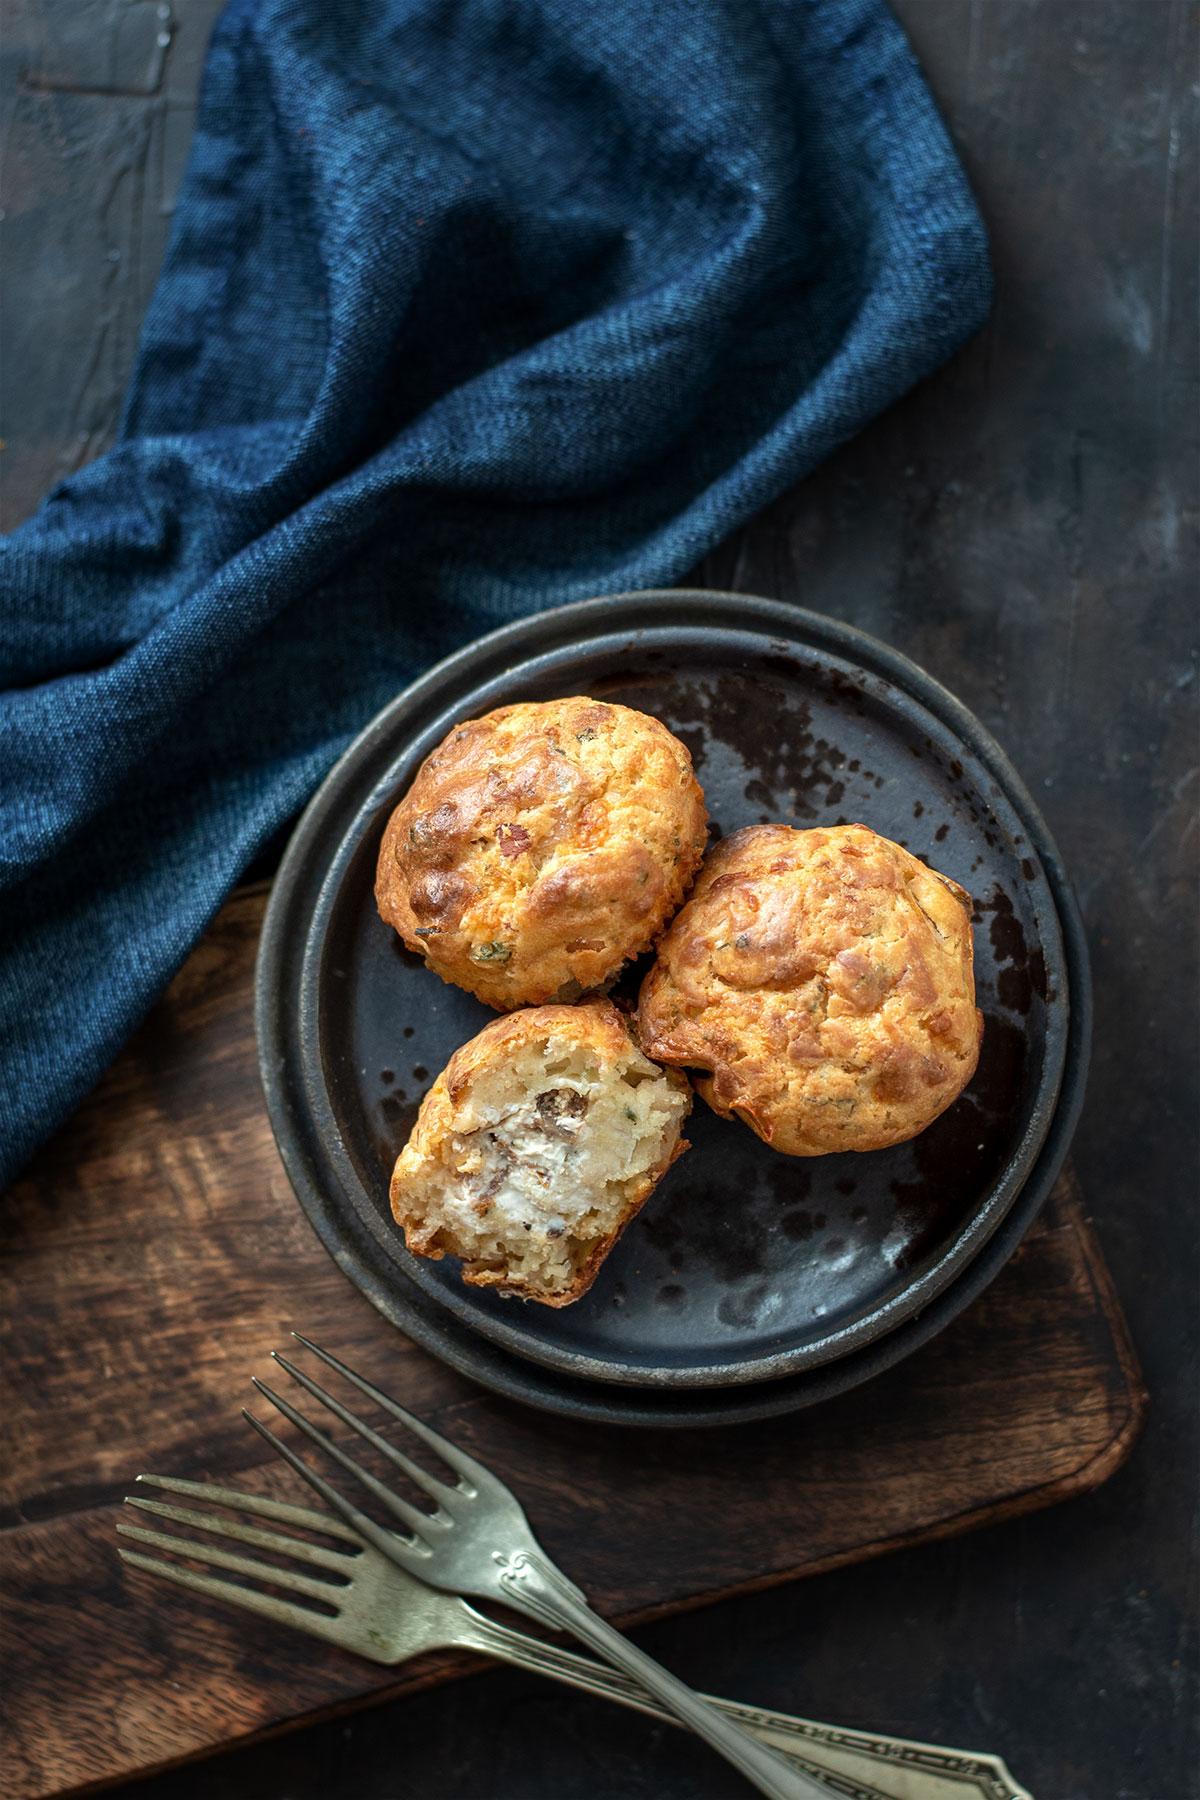 αλμυρά muffins, μάφινς γεμιστά με τυρί κρέμα